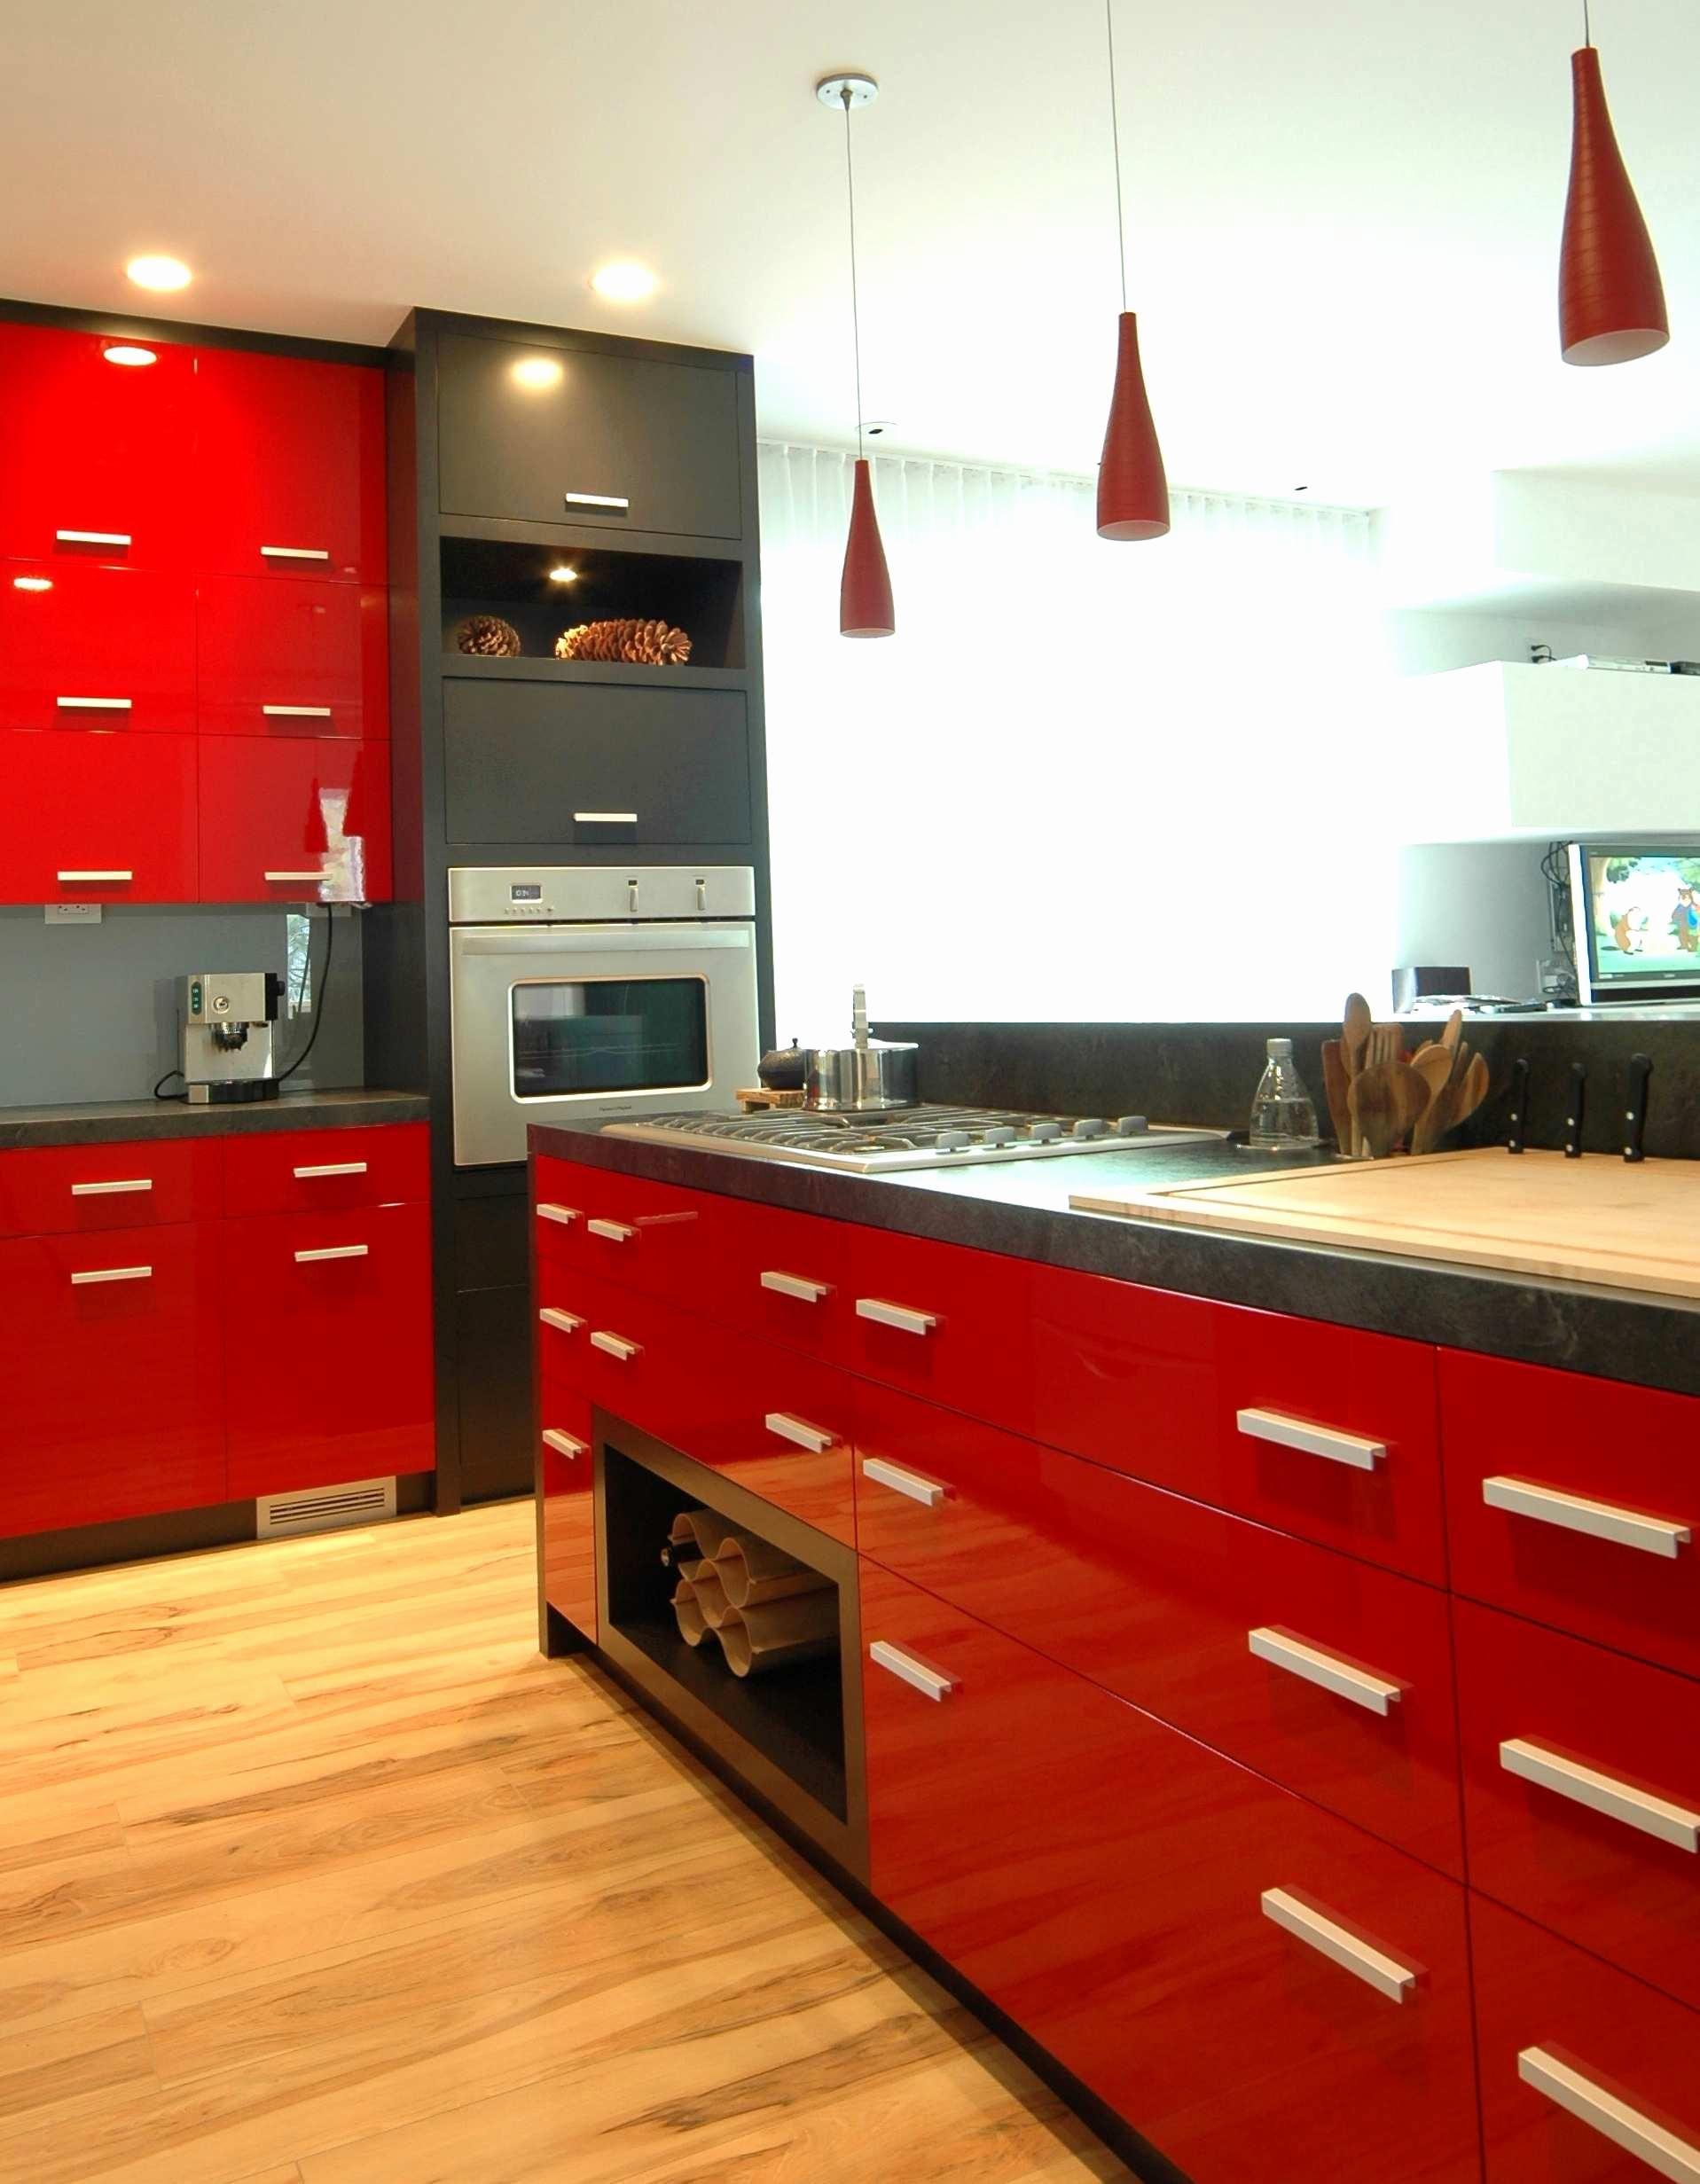 Kuche Kabinett Hardware Sammlungen Baby Schritte In Gewagten Cabinet Hardwa Red And White Kitchen Cabinets High Gloss Kitchen Cabinets Kitchen Cabinet Design